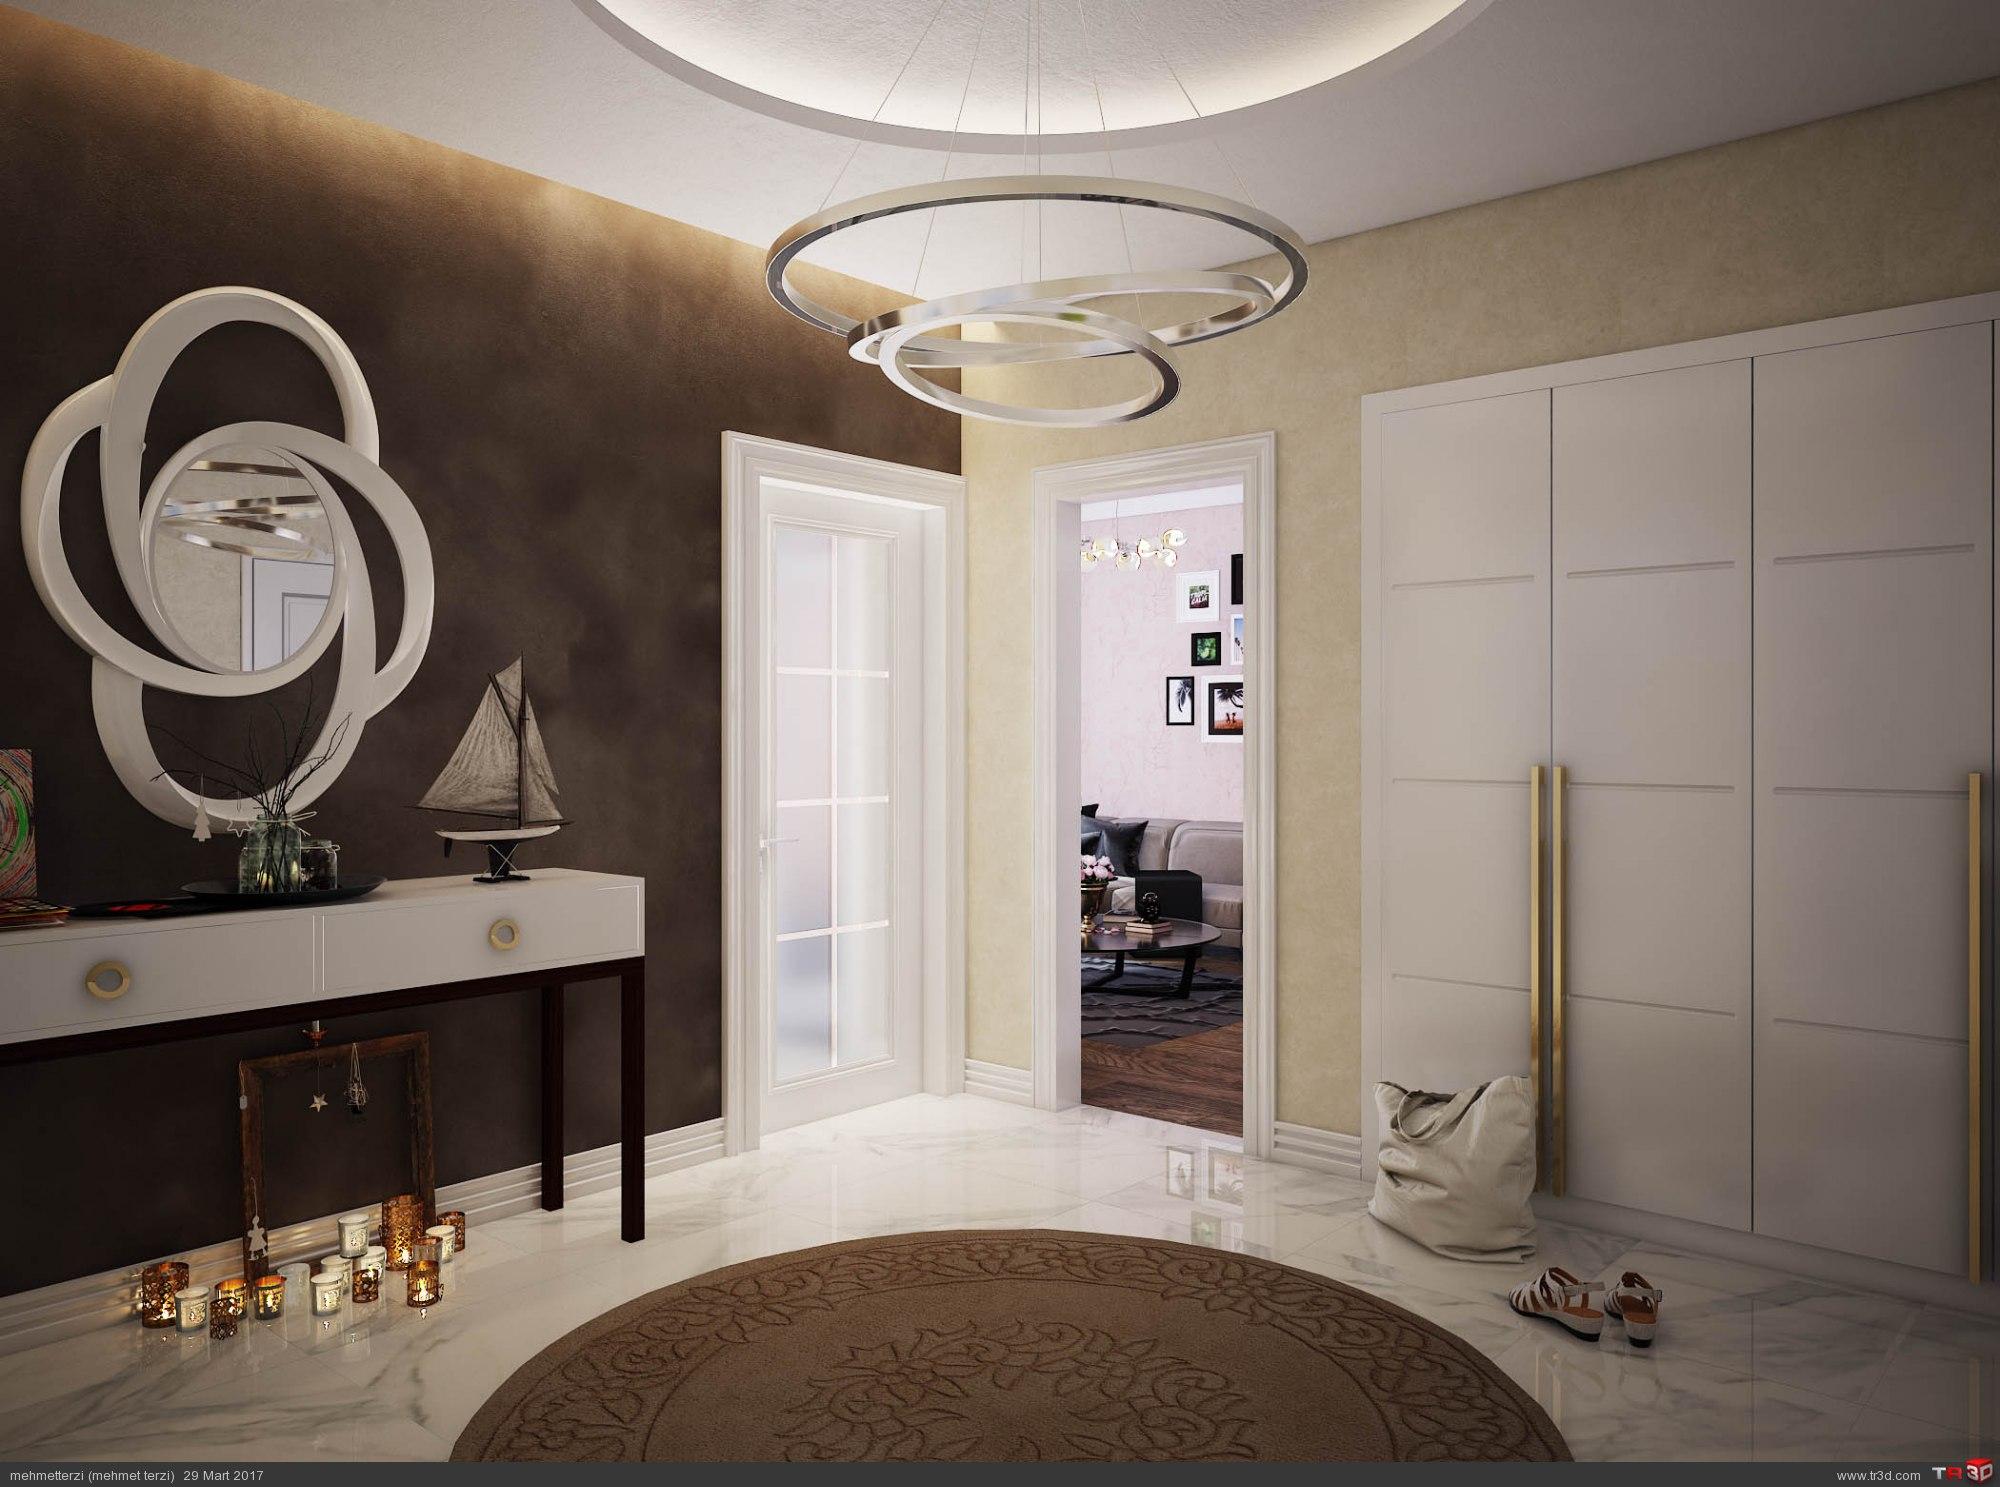 R.K. örnek daire tasarım 1